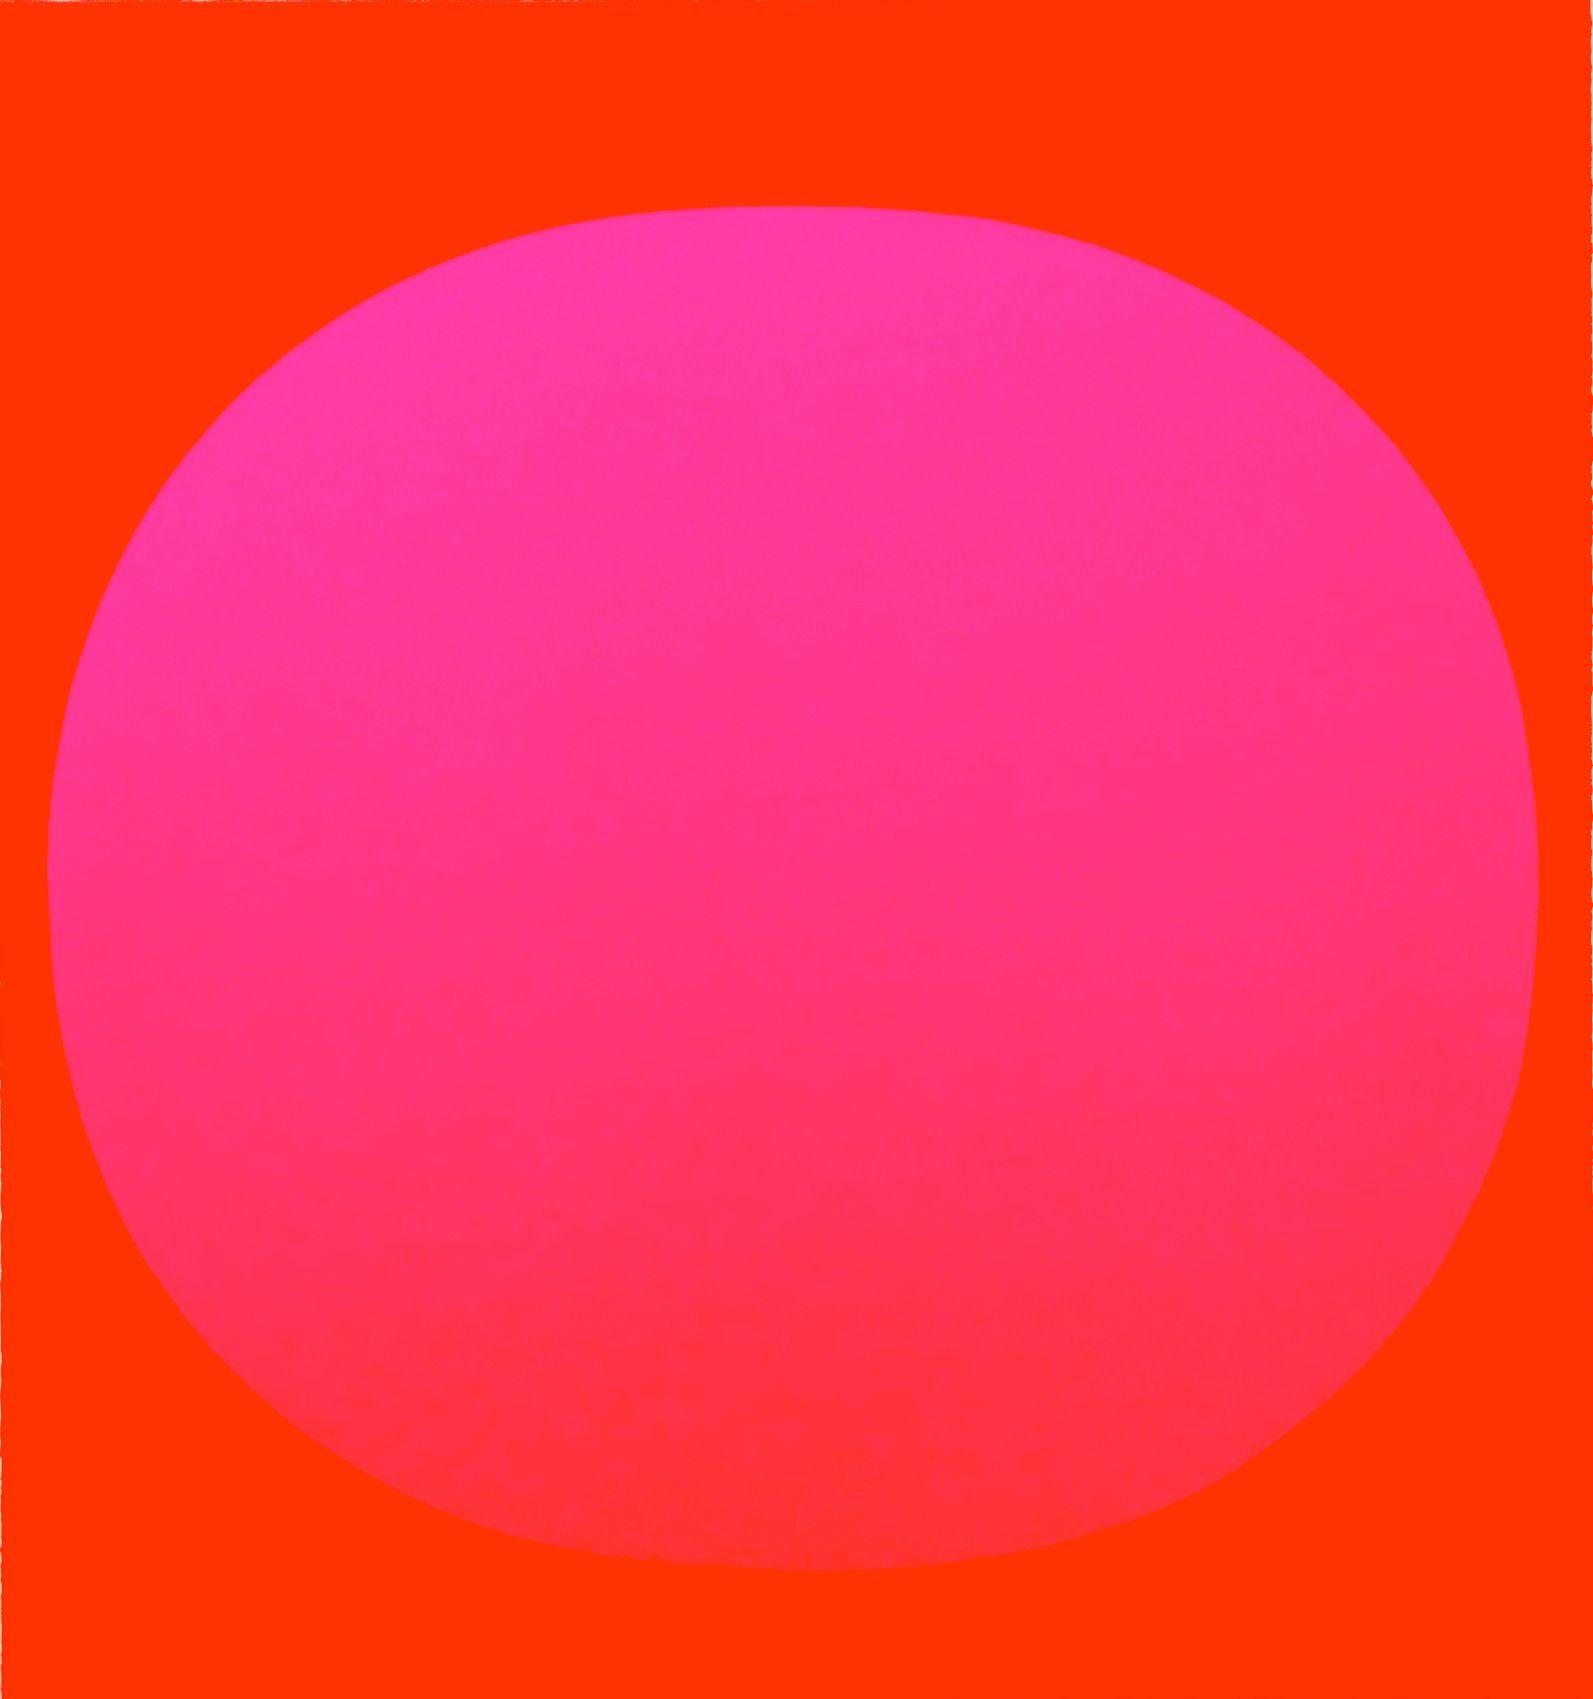 Konstanzer Galerie Geiger Zeigt Werke Von Rupprecht Geiger Post Painterly Abstraction Appropriation Art Art Design